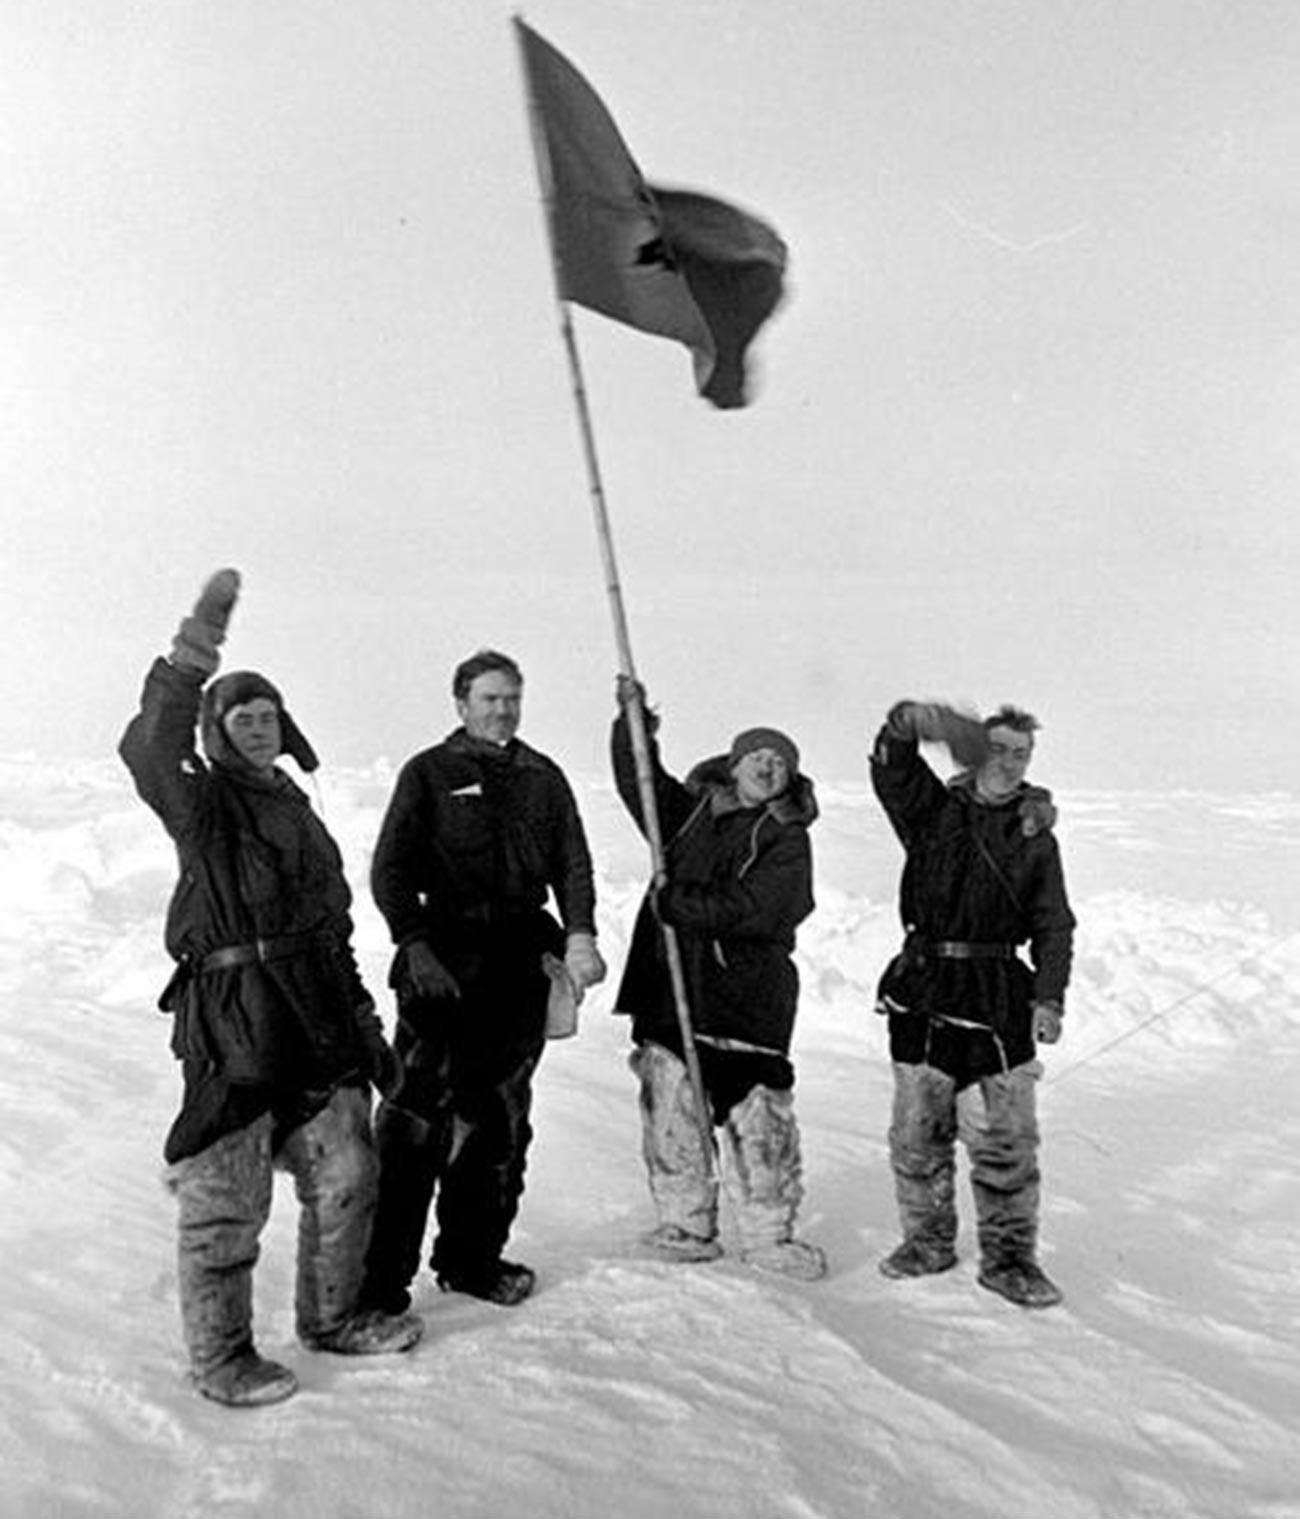 Die Mitglieder der Expedition von Iwan Papanin am Nordpol